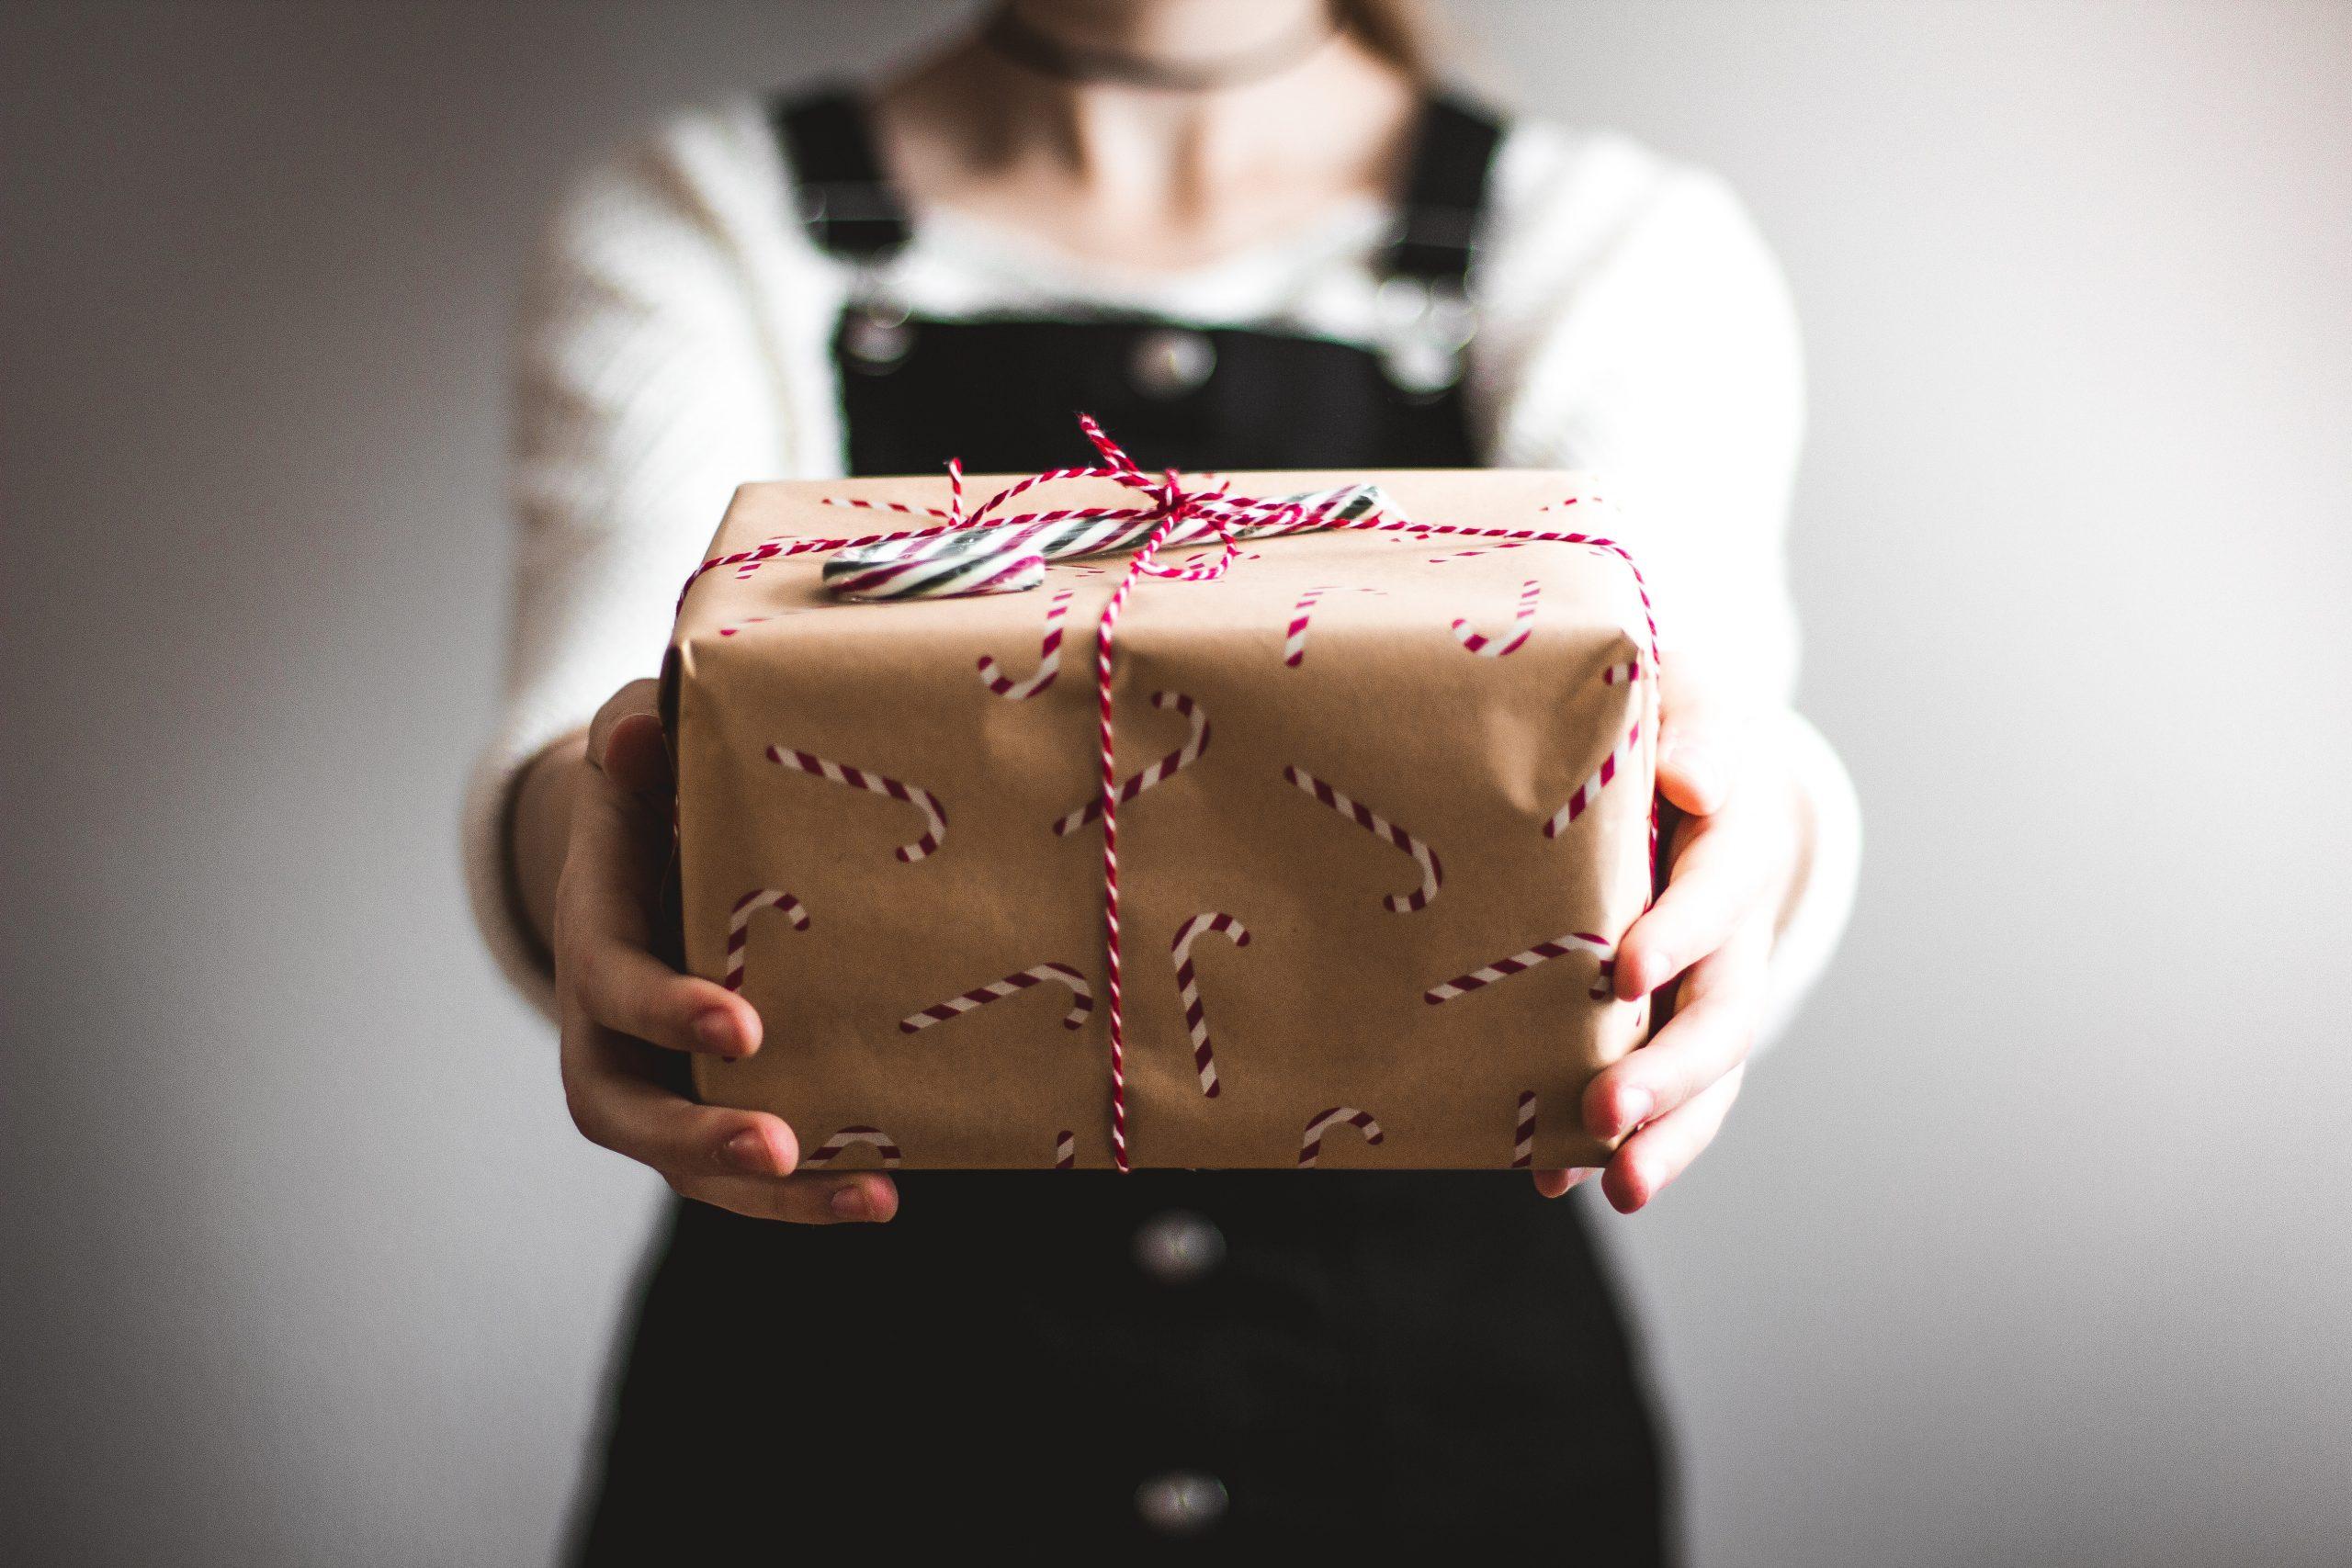 Kender du nogen der skal have Julehjælp?